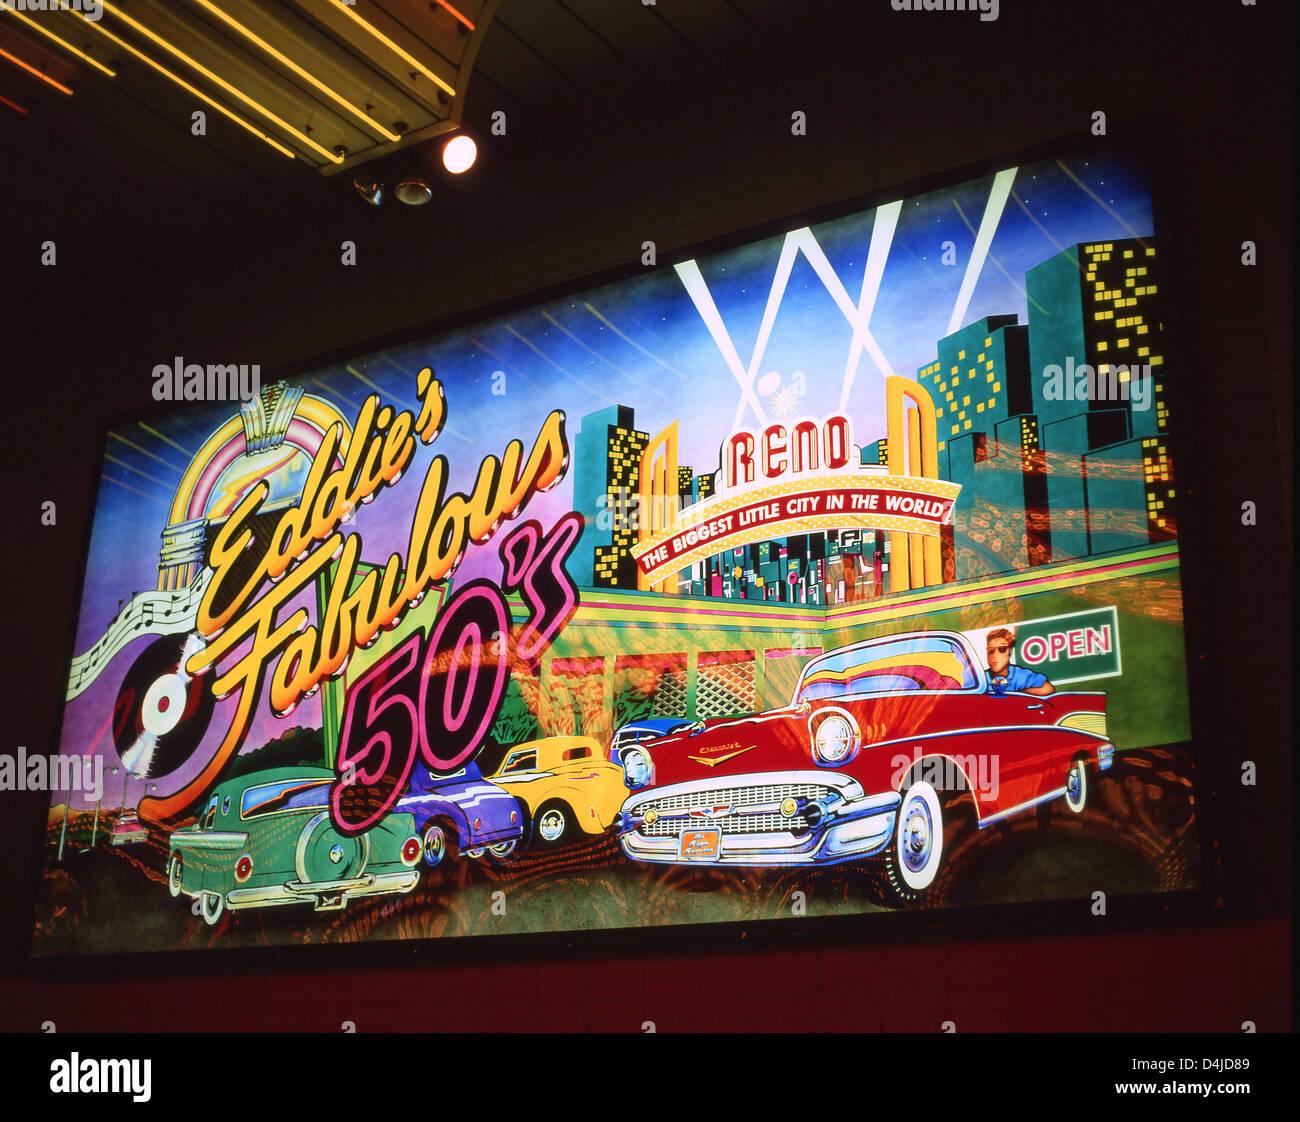 Eddies fabelhaften 50er Jahre Casino beleuchtete Schilder, Reno, Nevada, Vereinigte Staaten von Amerika Stockbild